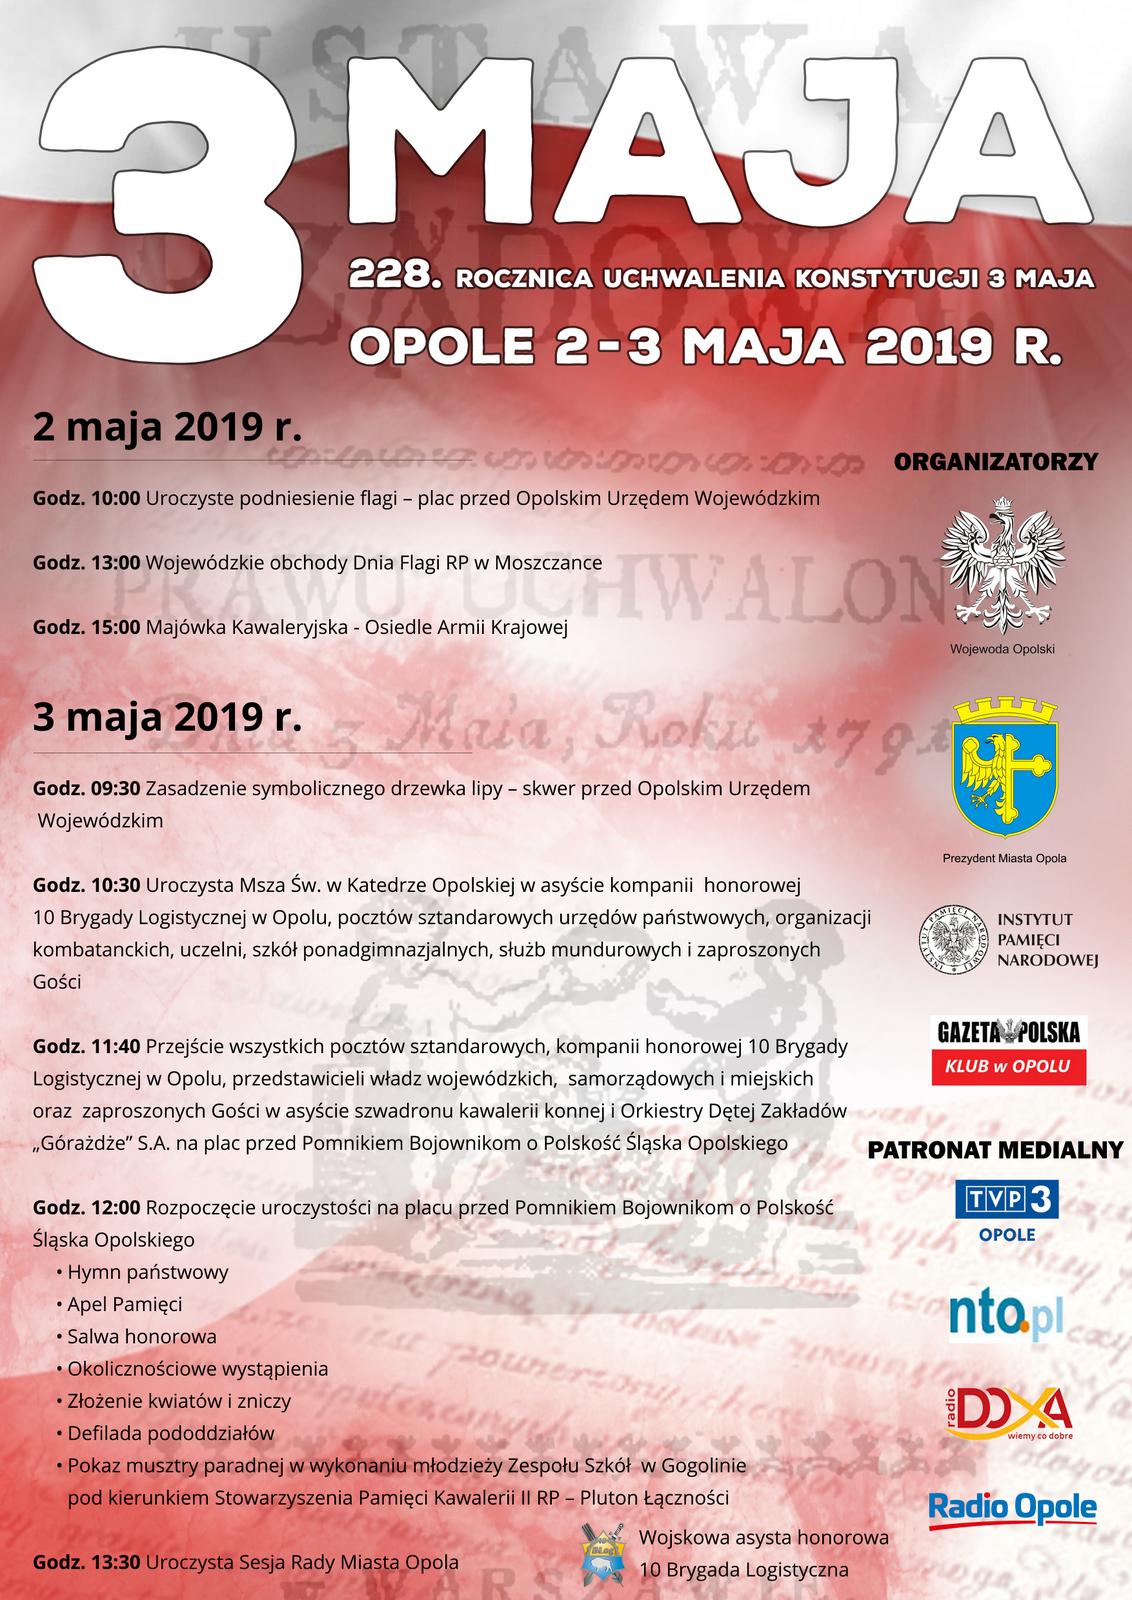 Obchody 228. rocznicy Uchwalenia Konstytucji 3 Maja w Opolu